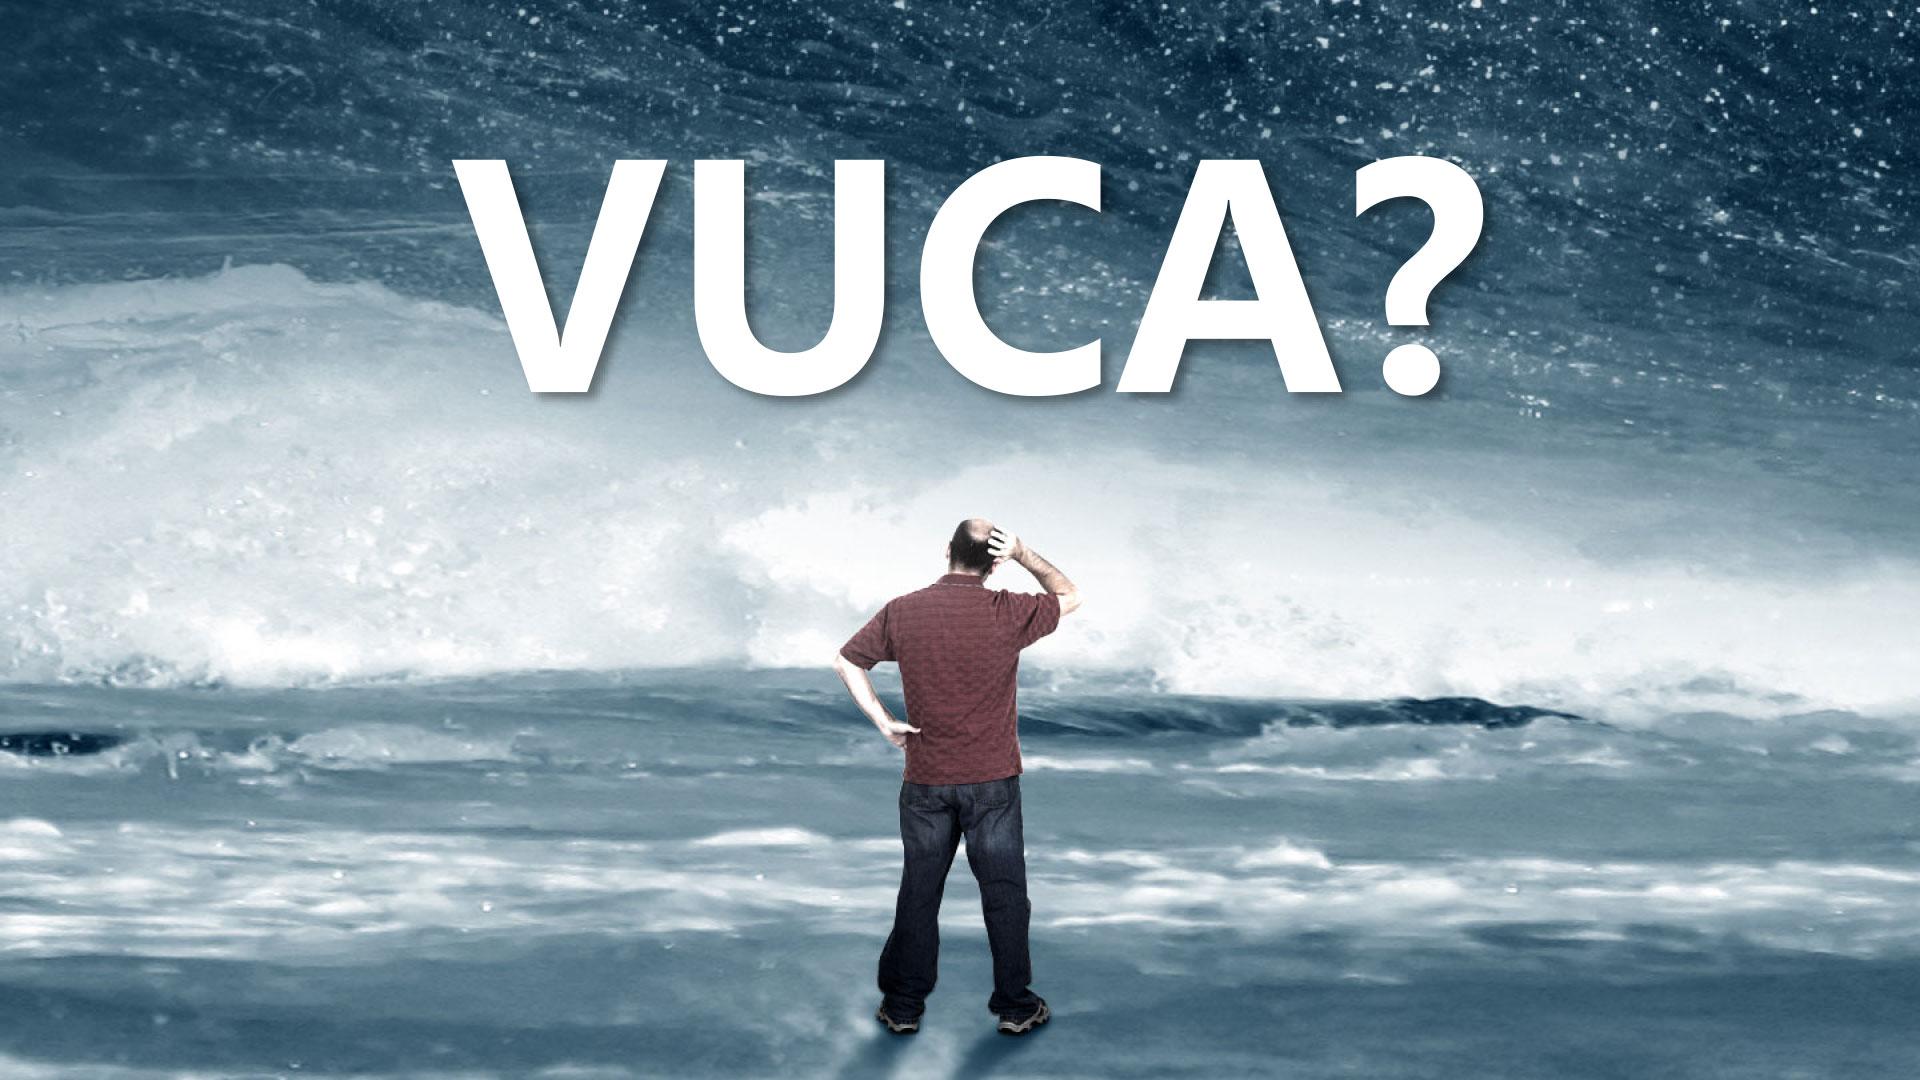 vuca-ppt.jpg